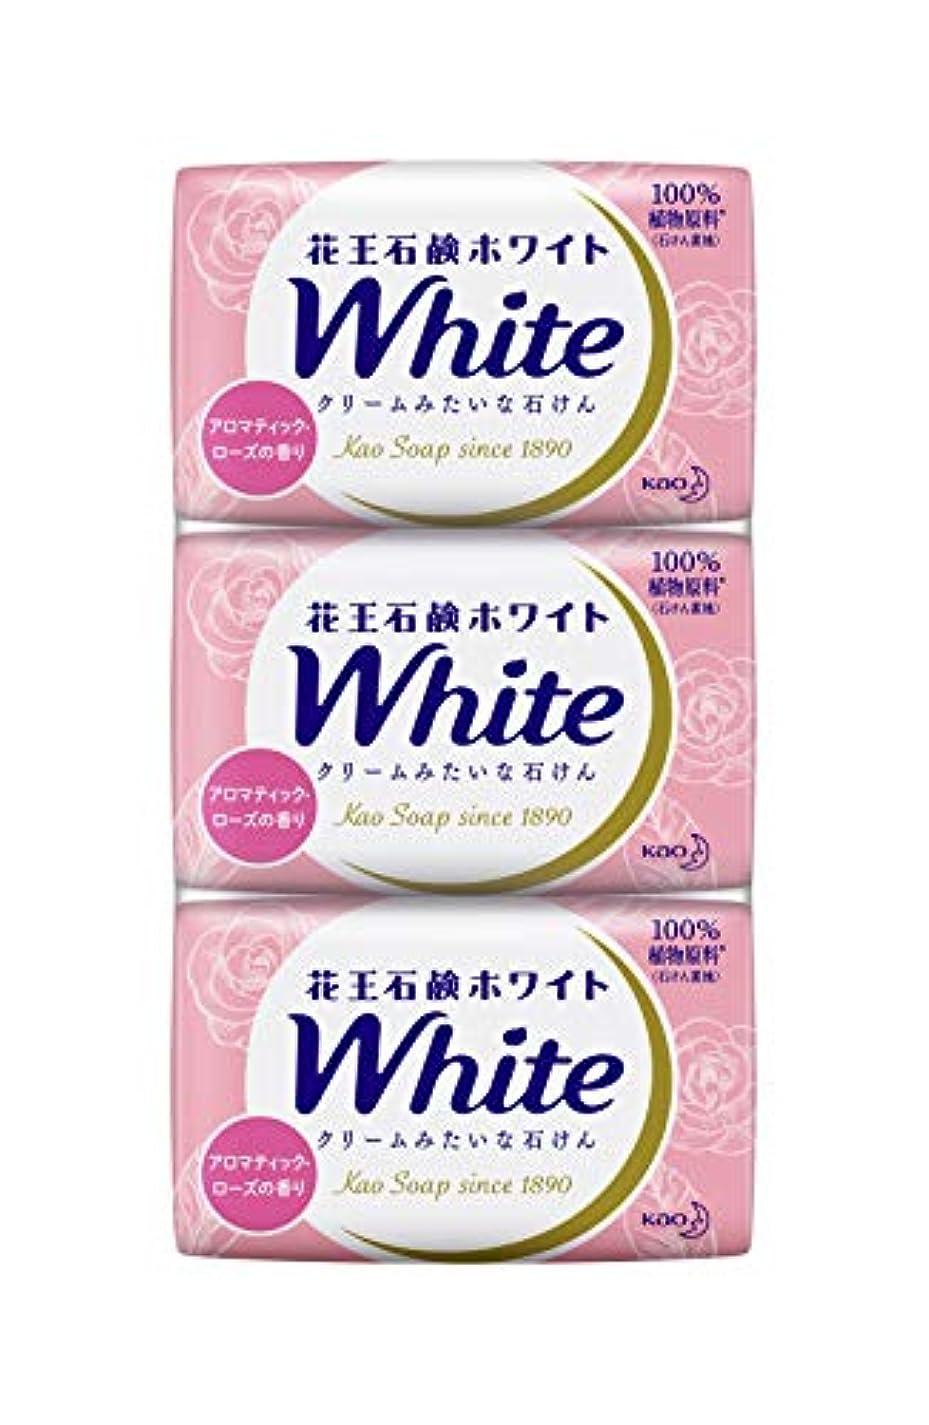 既にこっそり光花王ホワイト アロマティックローズの香り レギュラーサイズ3コ